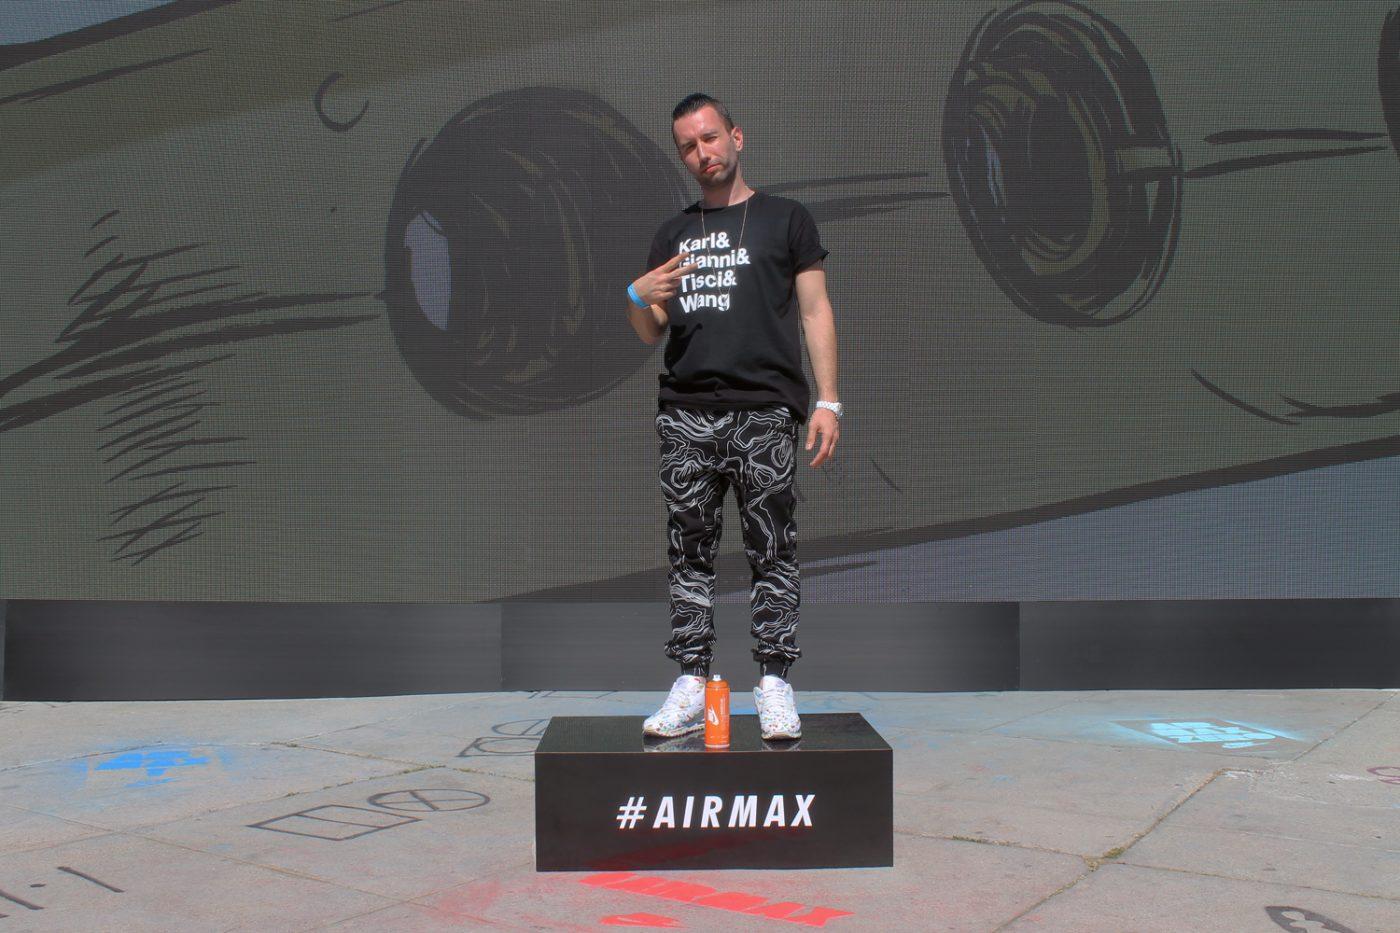 airmax15